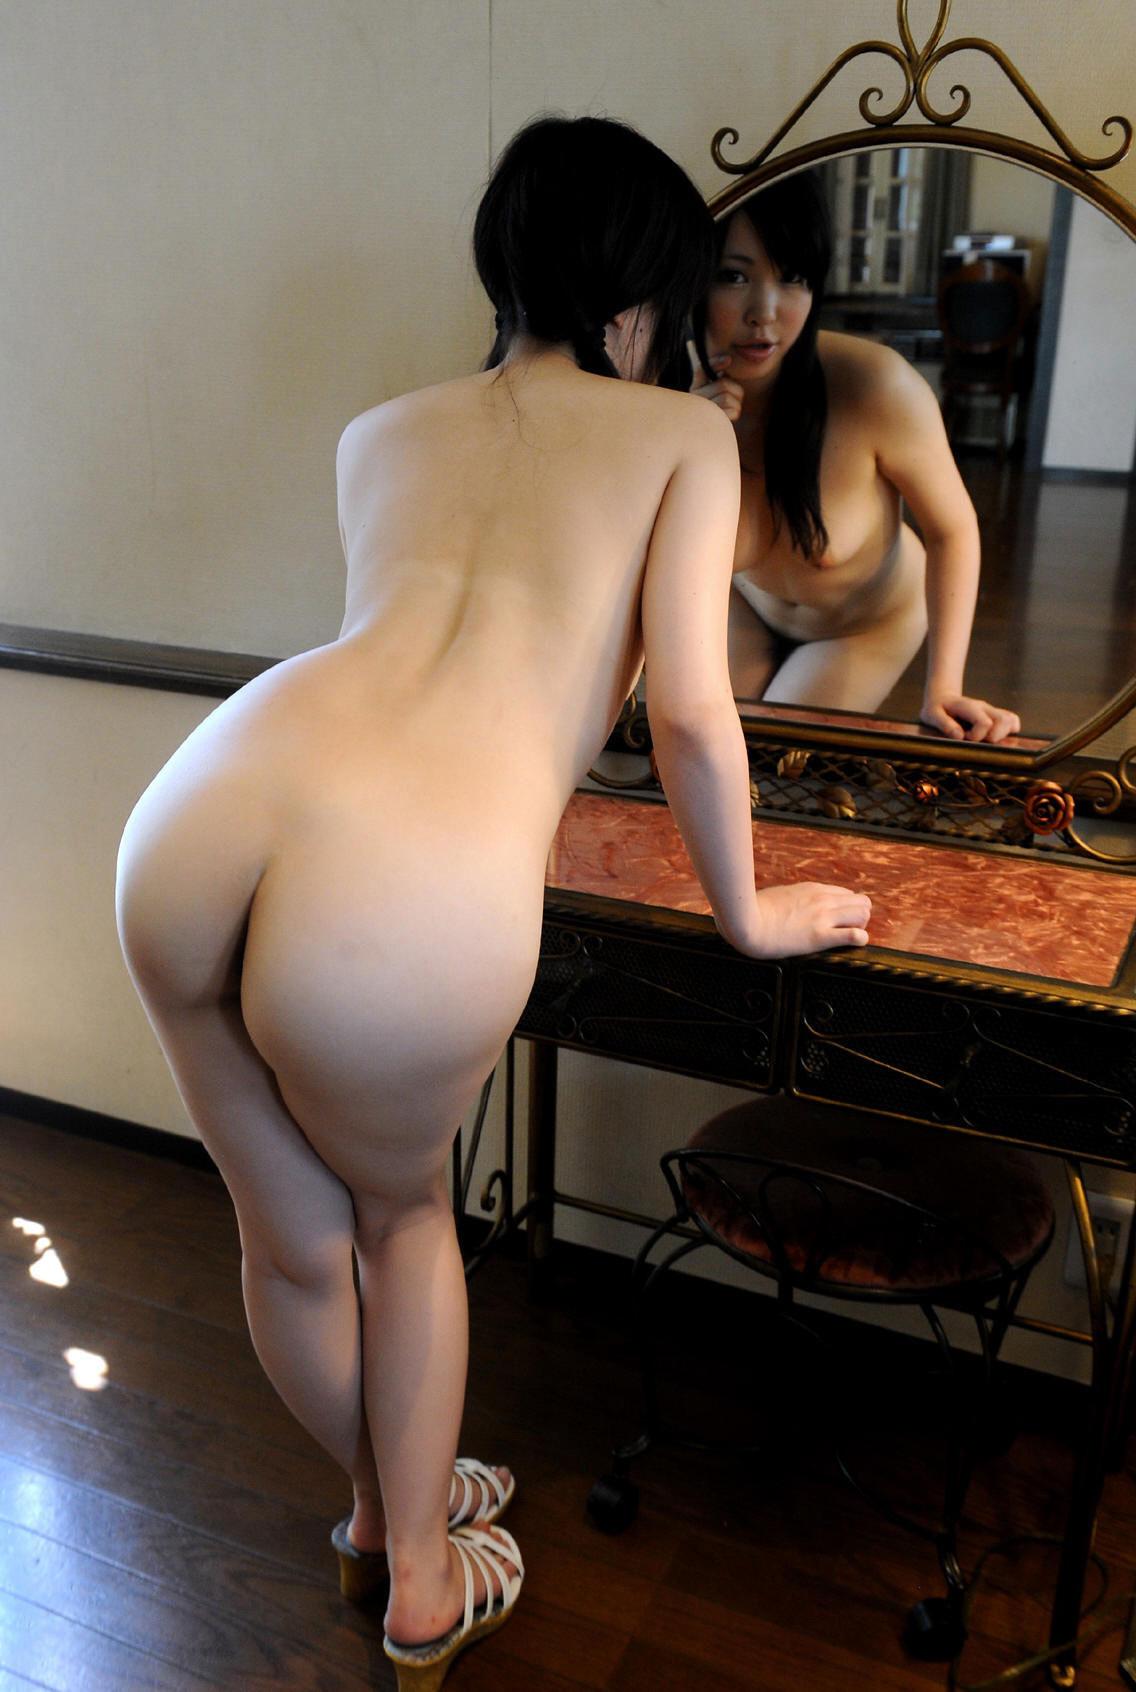 【鏡エロ画像】前後が丸見えw鏡の前に裸の女を添えれば乳も尻も見えて2倍得www 07